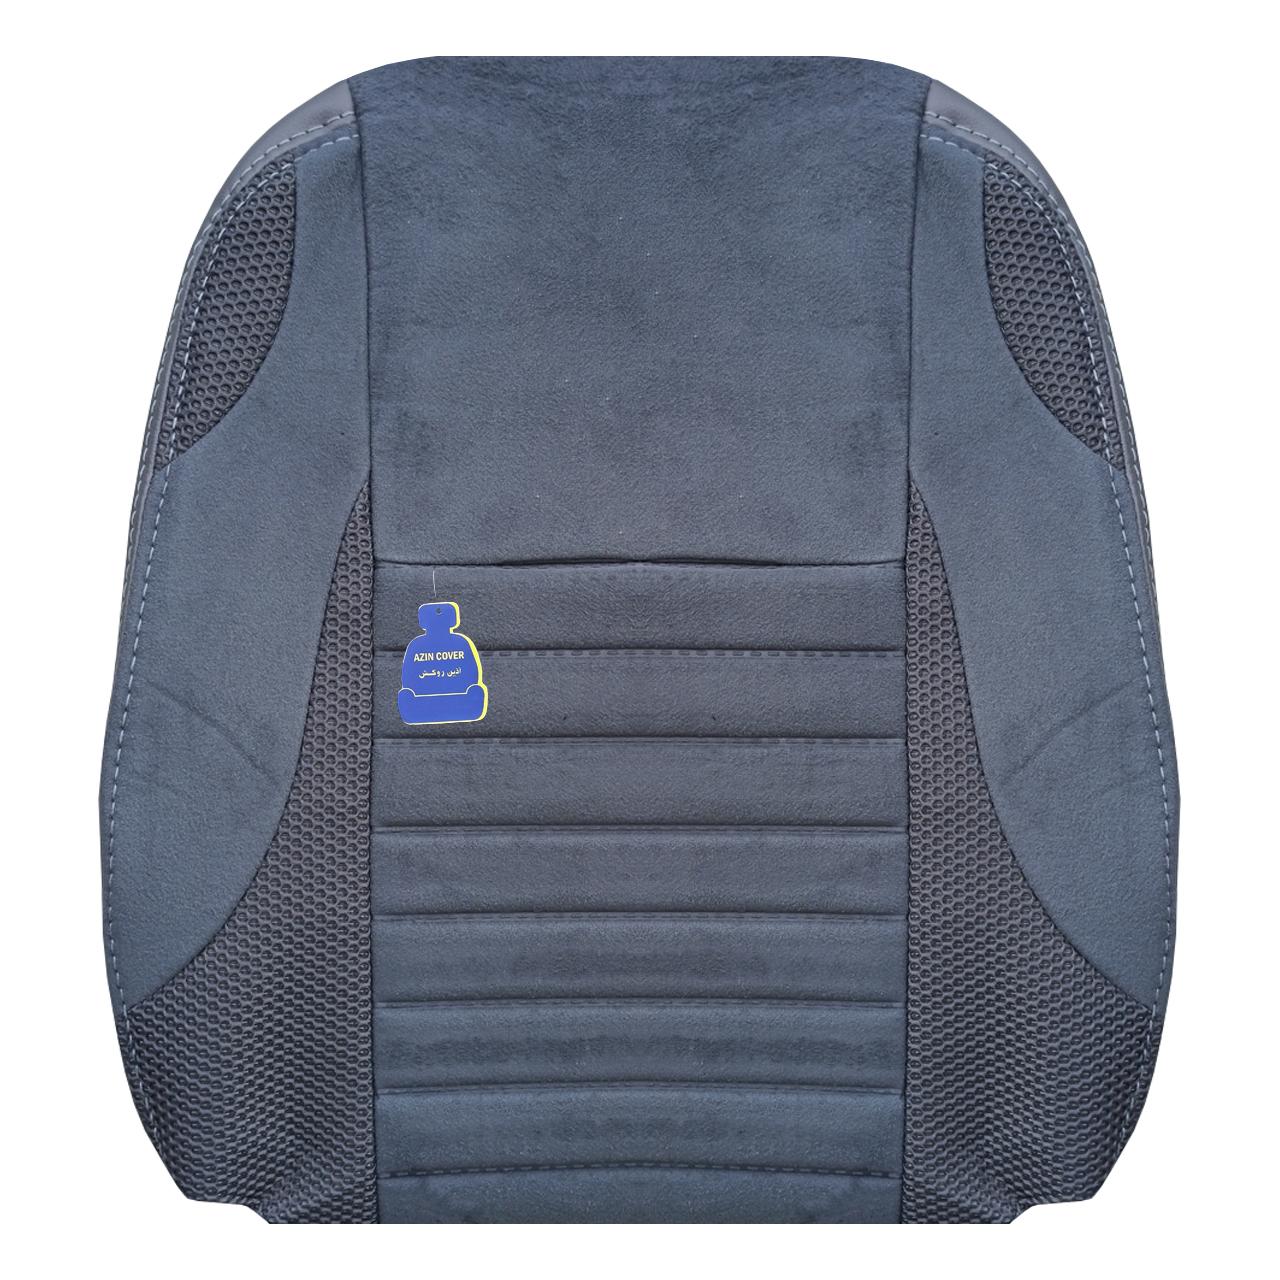 روکش صندلی خودرو آذین روکش مدل AZ208 مناسب برای تیبا 2 و کوییک